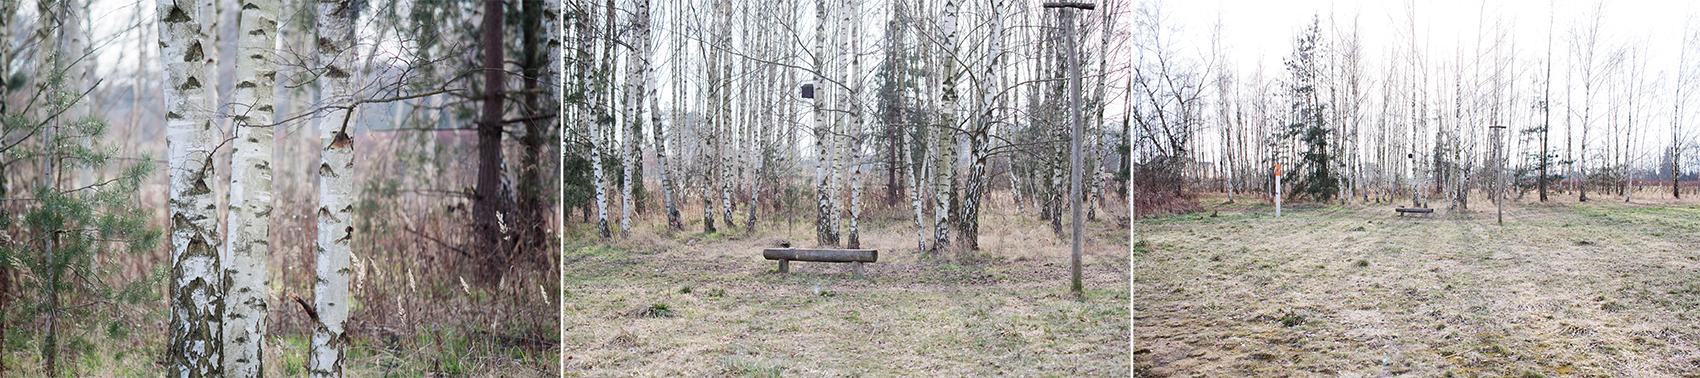 Fotografie Tipps die dich verblüffen werden - Birken unterschiedliche Brennweiten